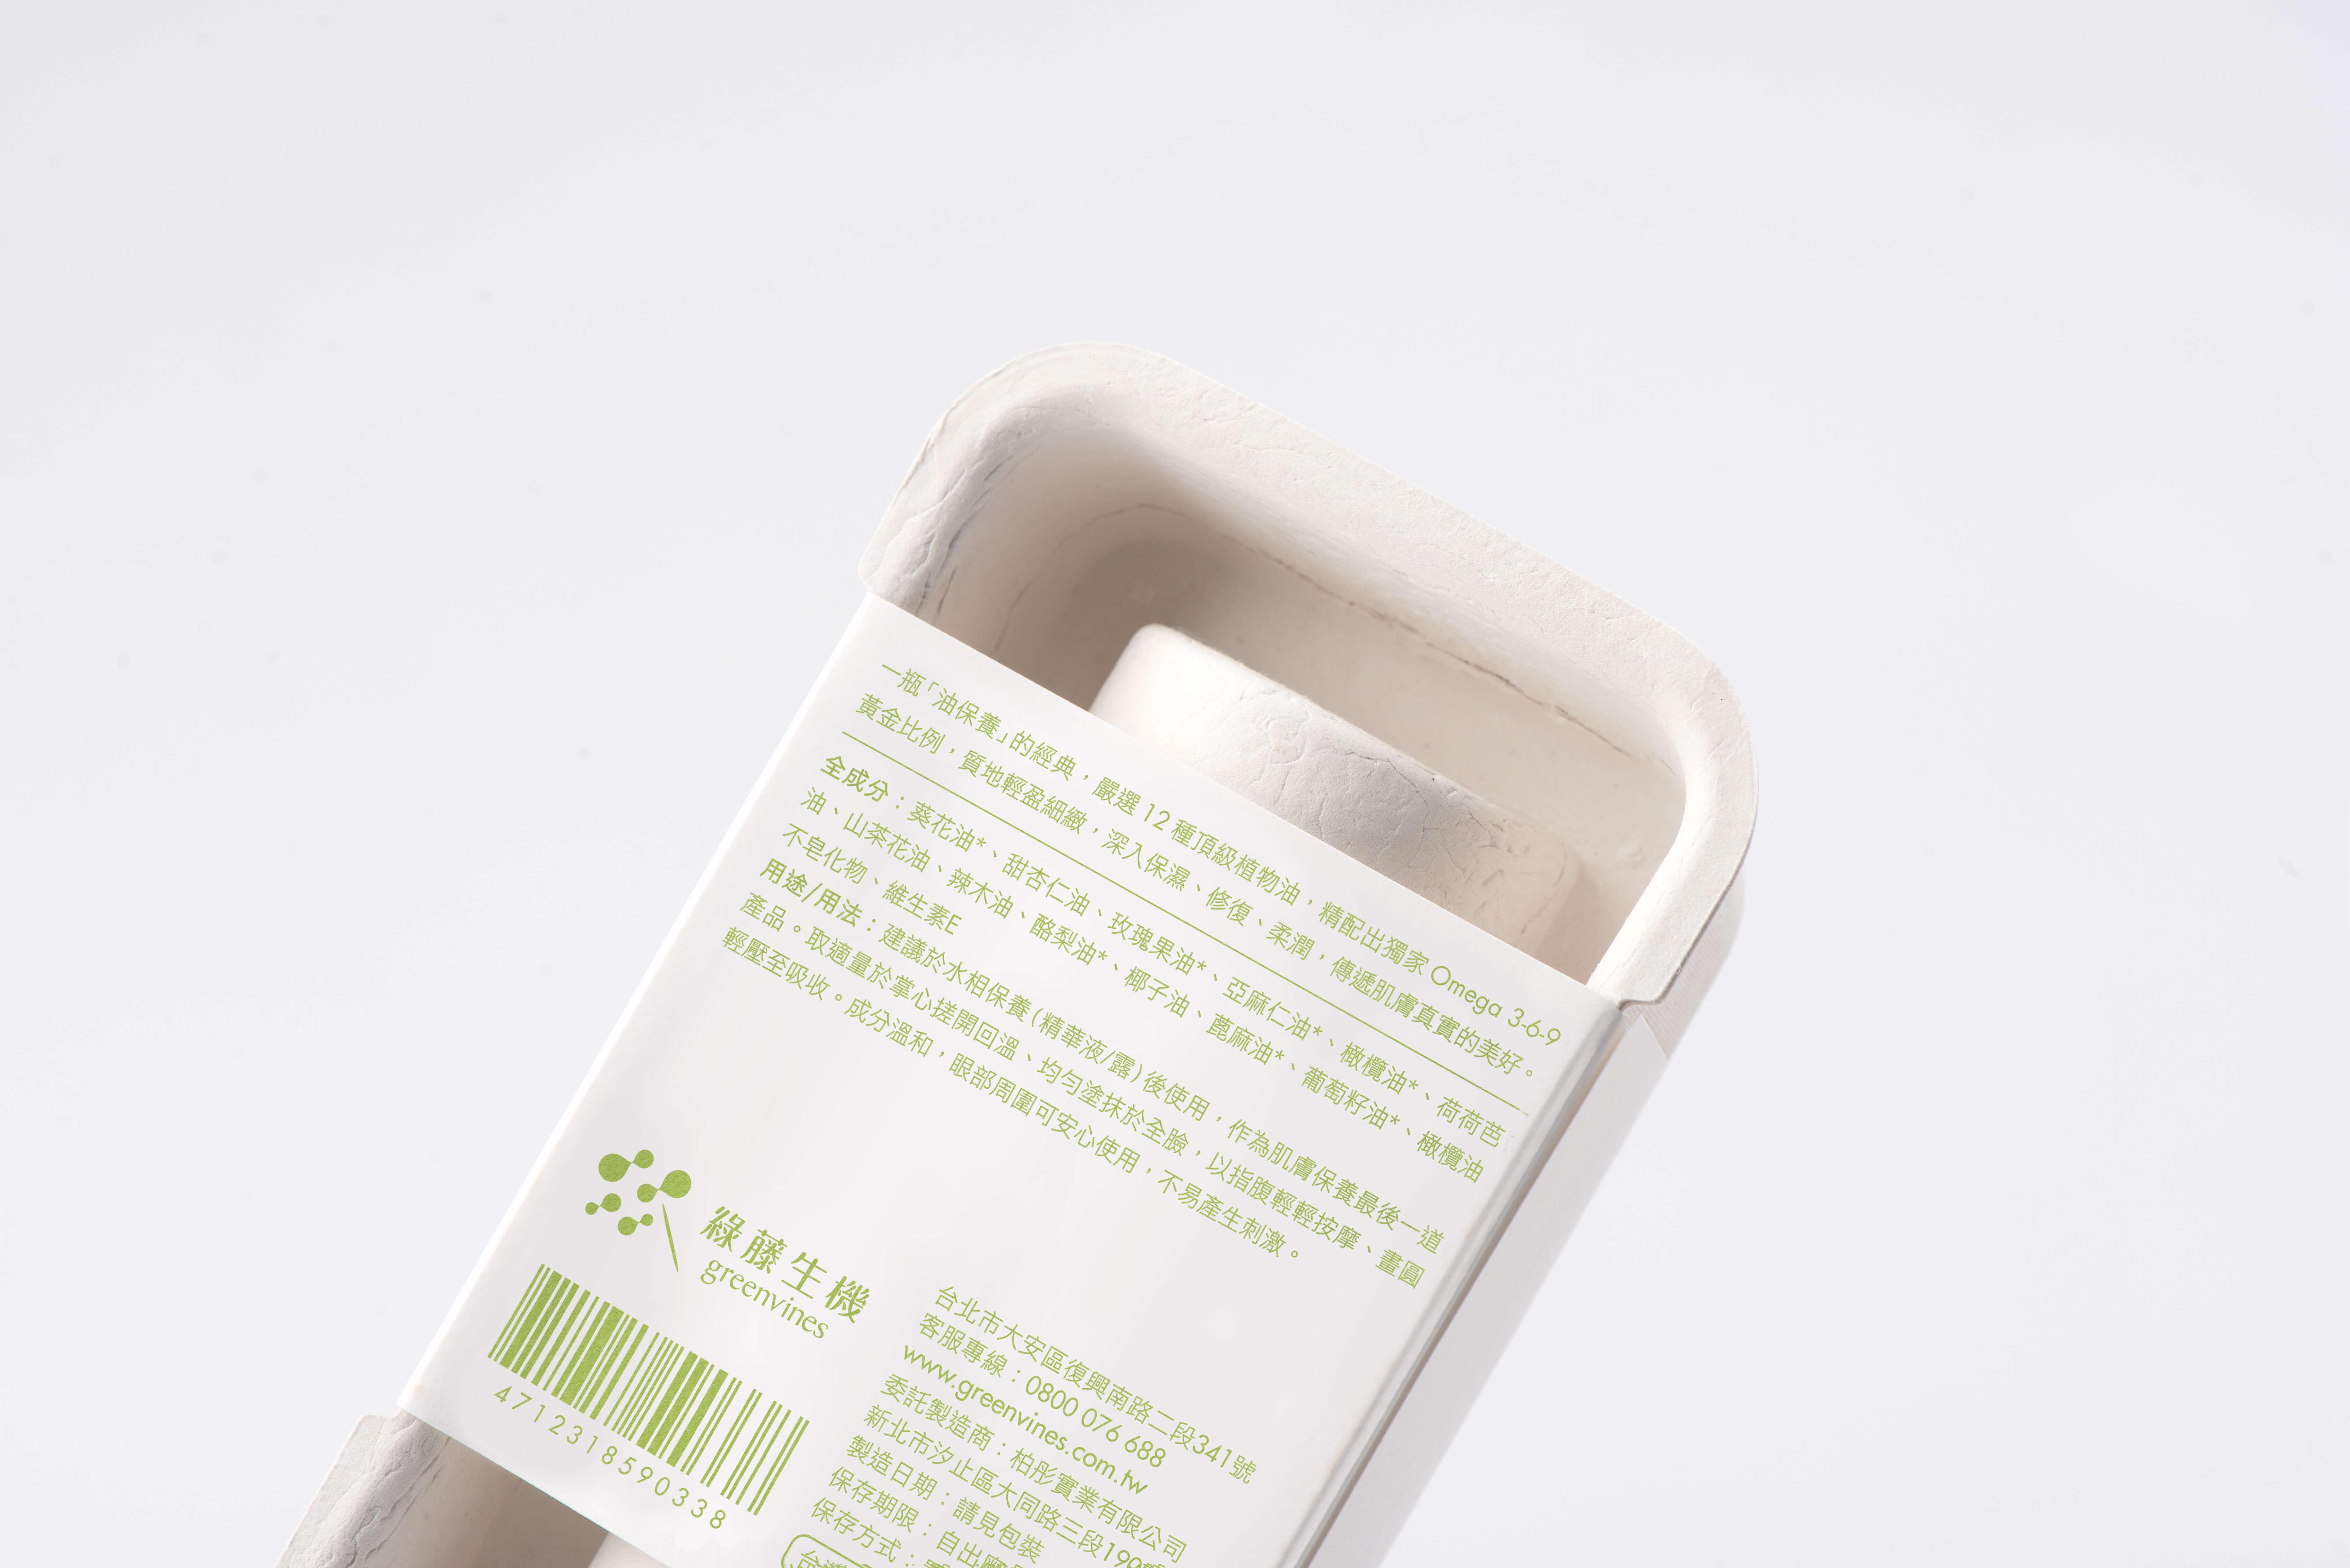 敏感肌、皮膚容易過敏,購買使用保養品與清潔產品前應詳閱成分說明